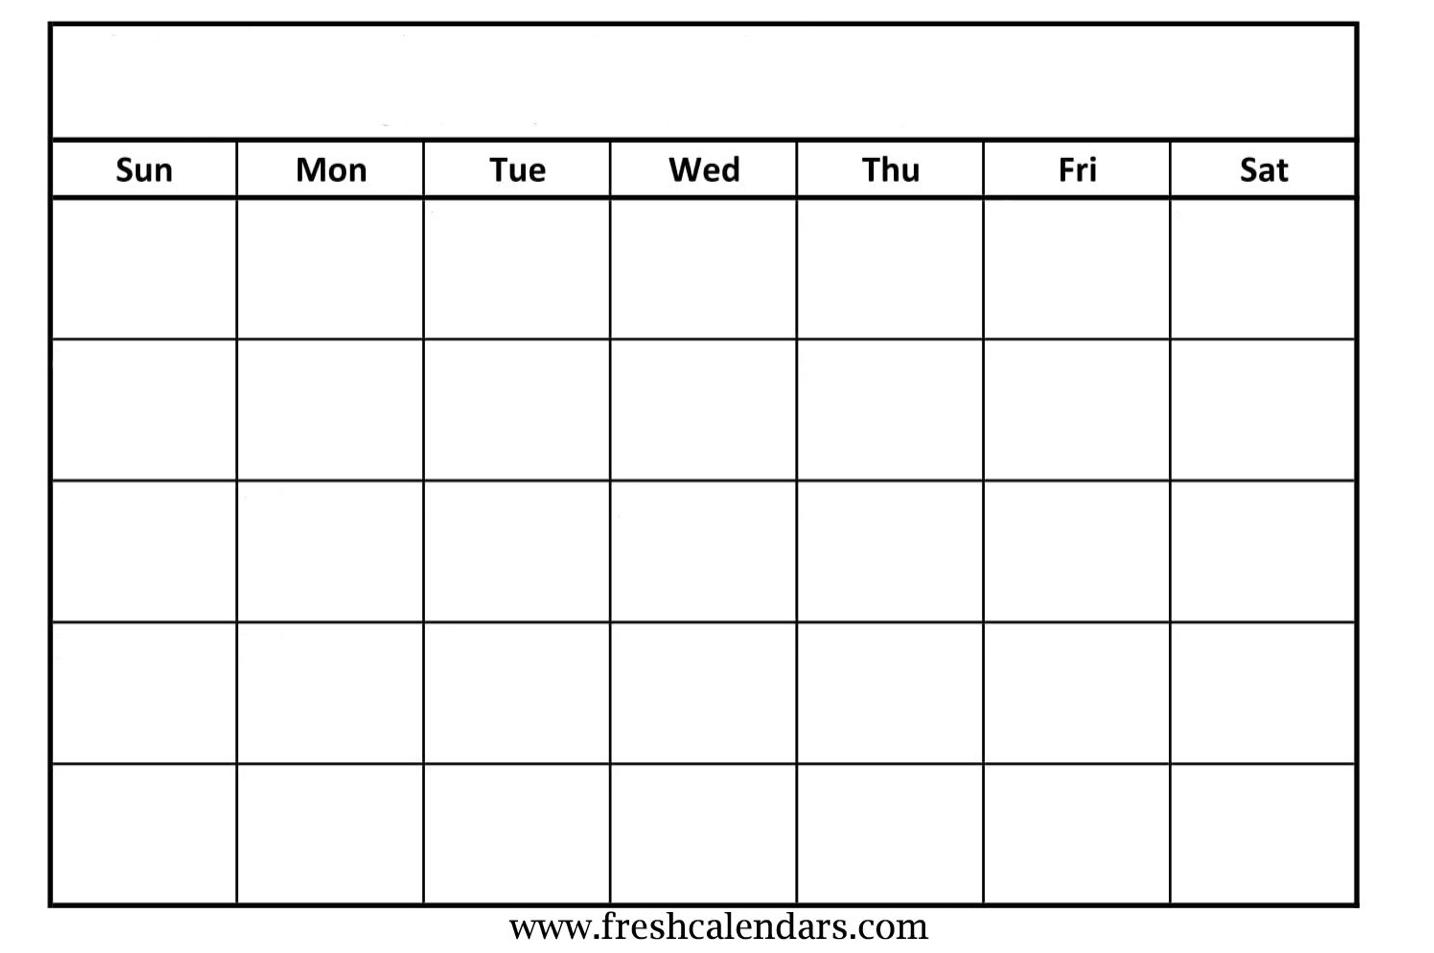 2019 Free Printable Calendar Templates - A Mother'S Random regarding Fill In Calendar Printable